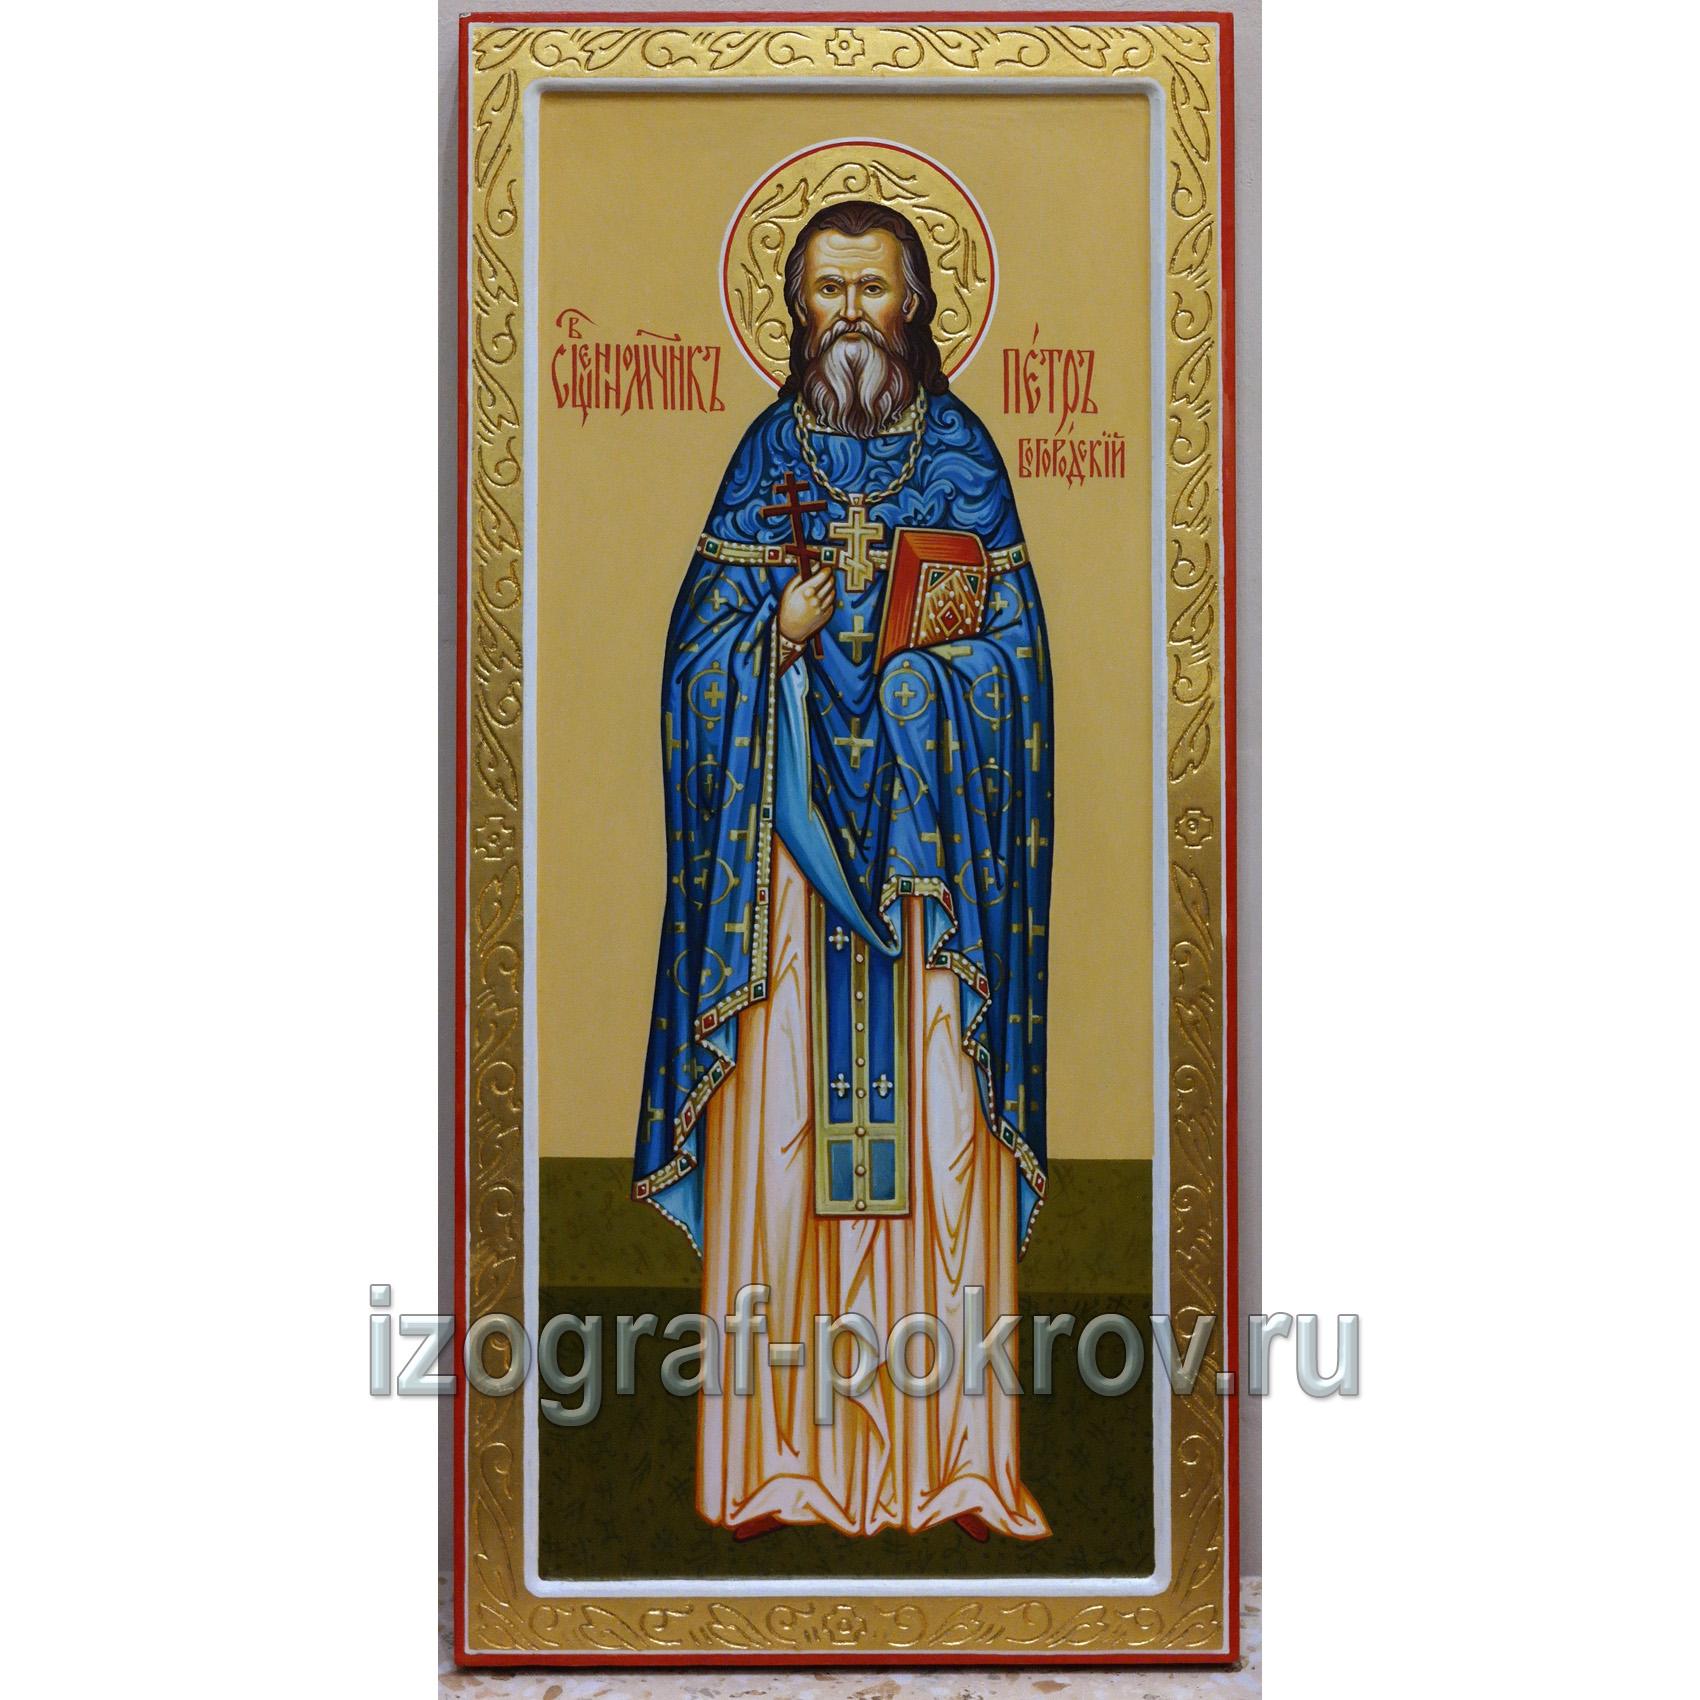 Мерная икона Петр Богородский